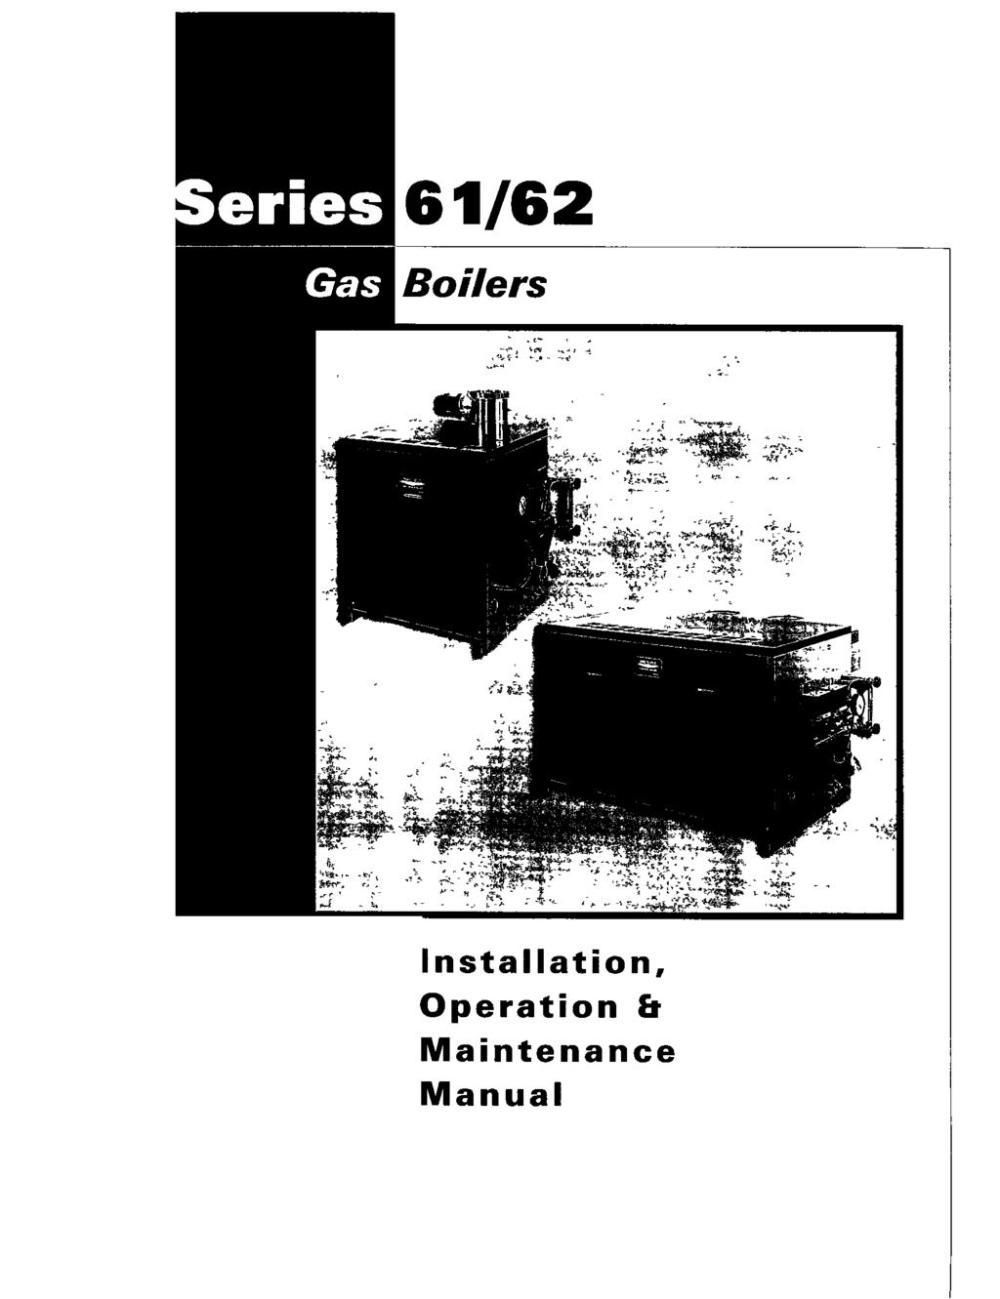 medium resolution of 61 62 boilers installation